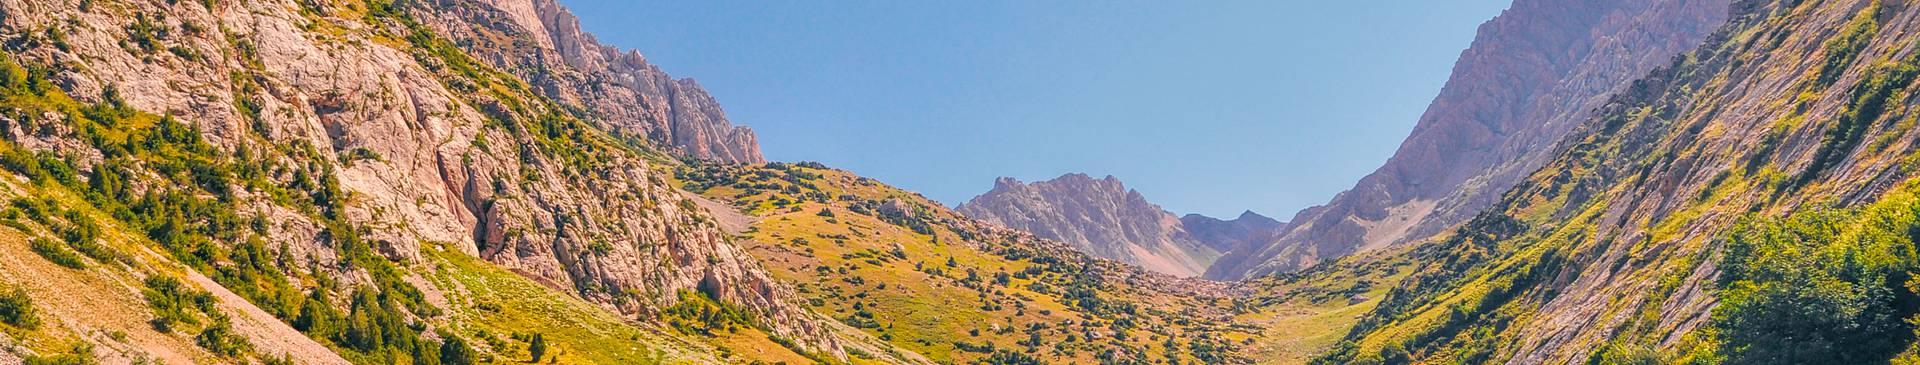 Viaggi in Kirghizistan in estate